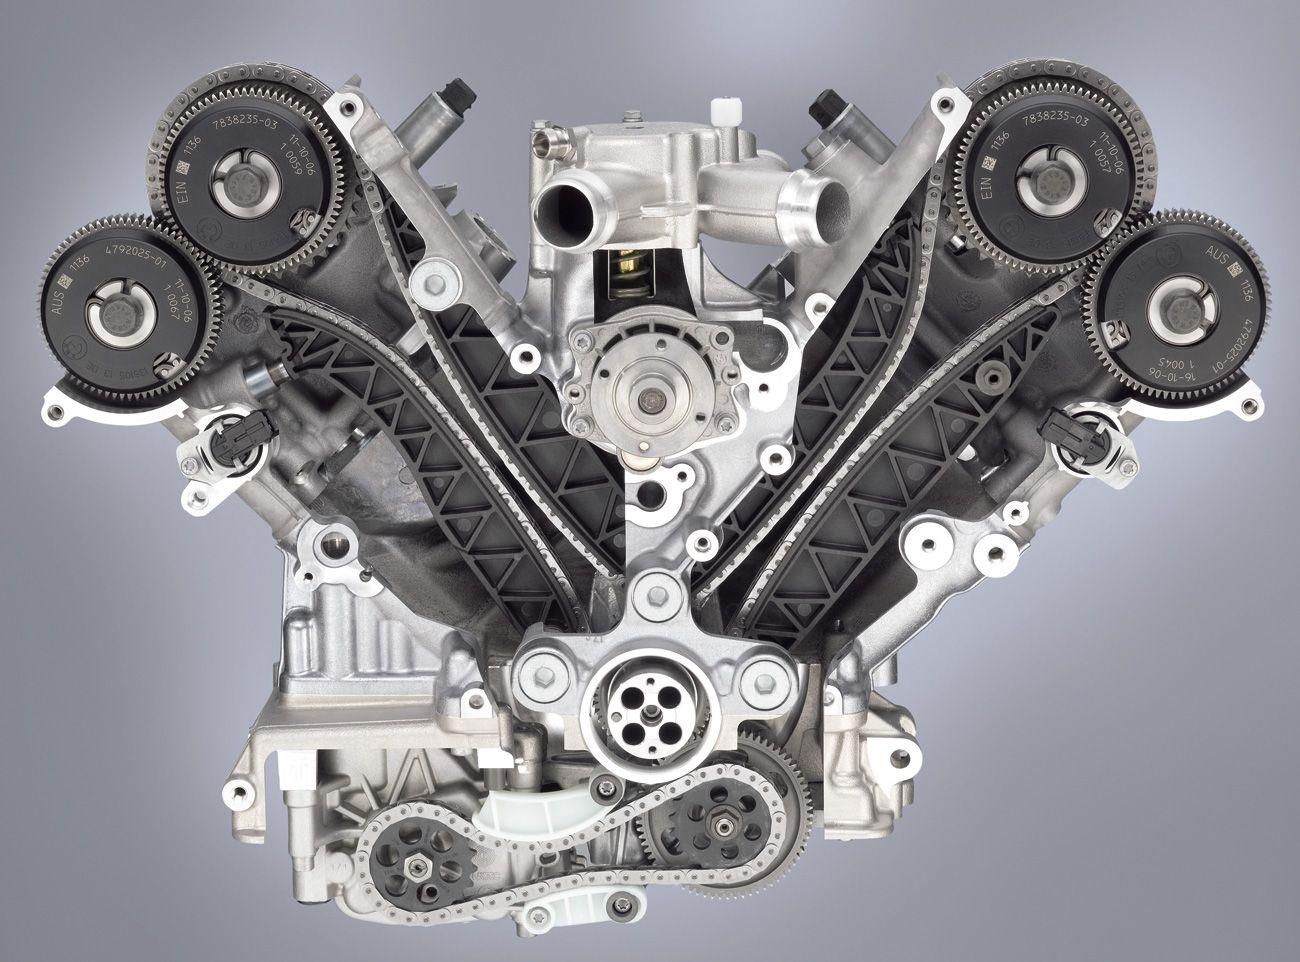 Timing Belt Bmw M3 V8, 2008 Bmw M3, Bmw Engines, Bavarian Motor Works